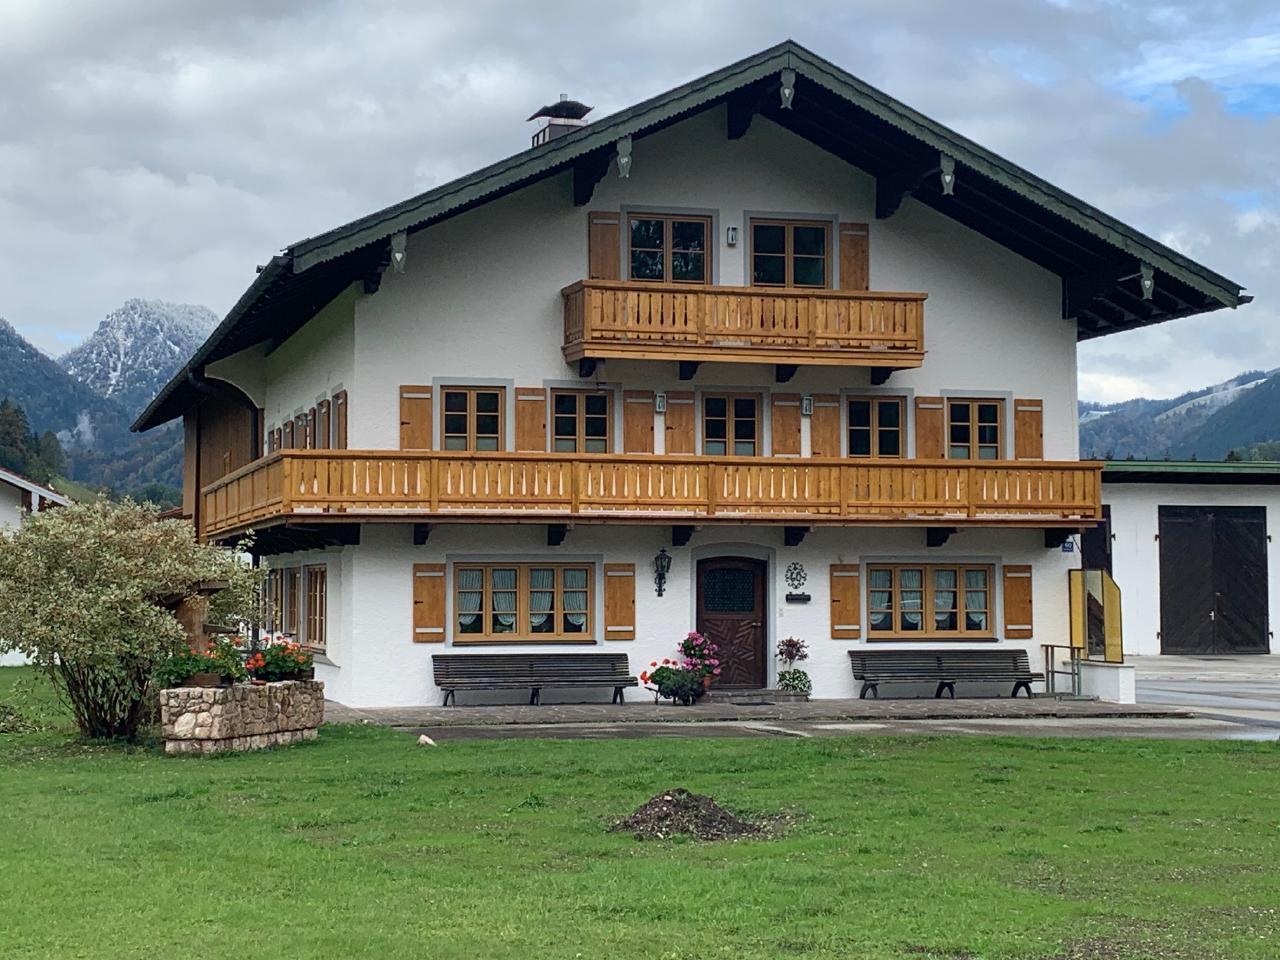 Gastager Hof Rauschberg Ferienwohnung in Deutschland